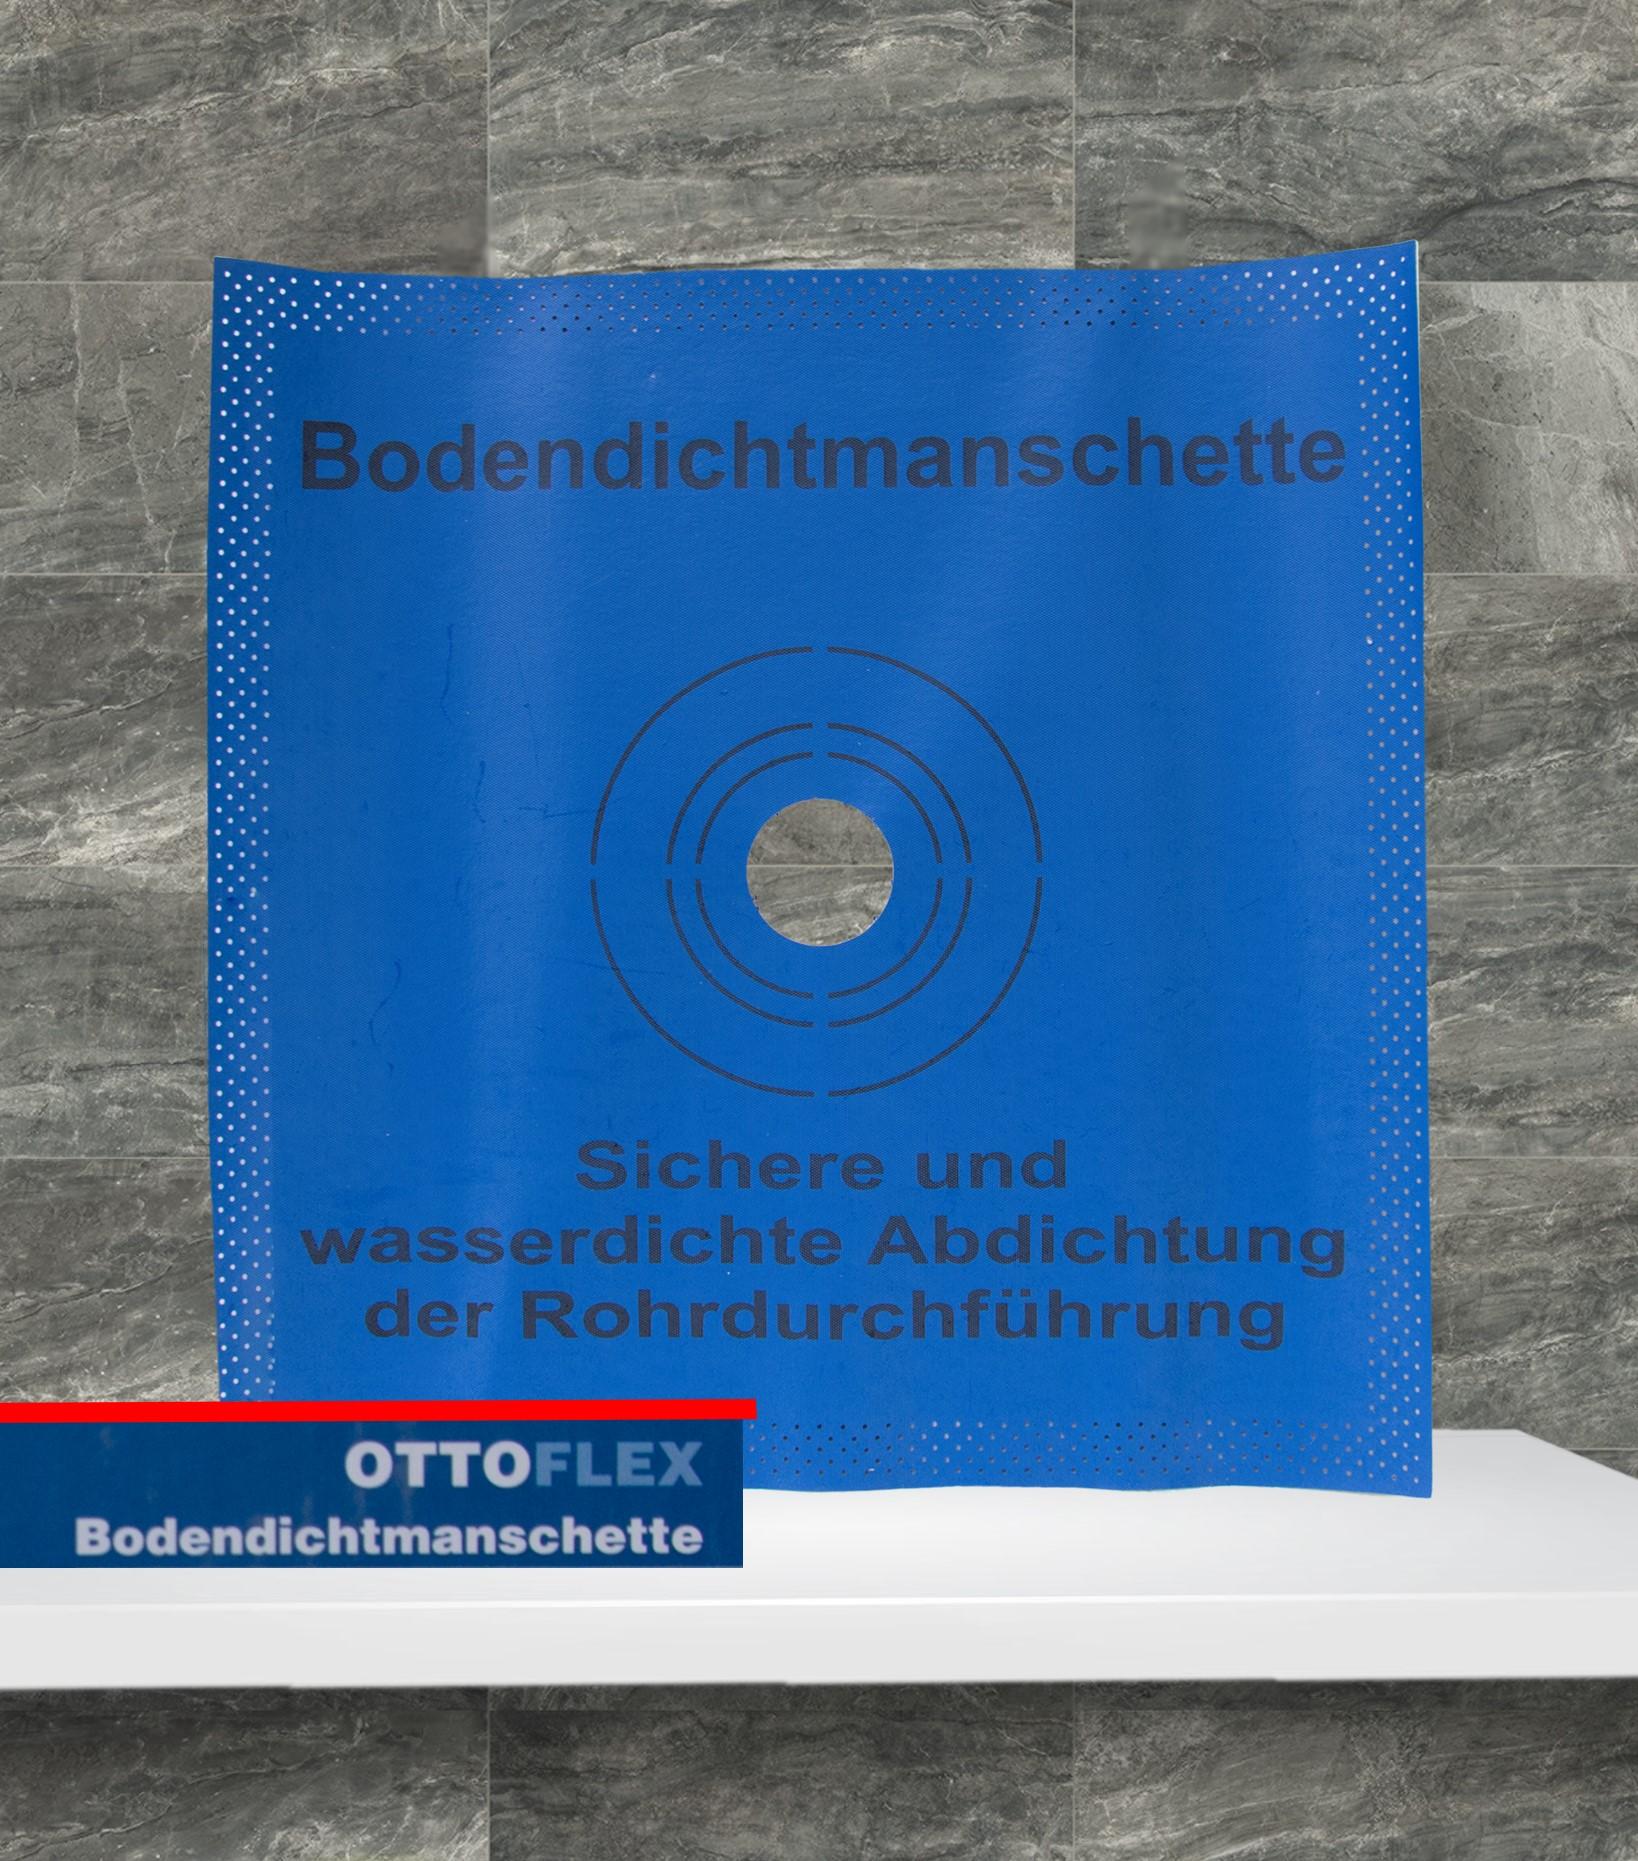 OTTOFLEX Bodendichtmanschette 42,5x42,5 cm